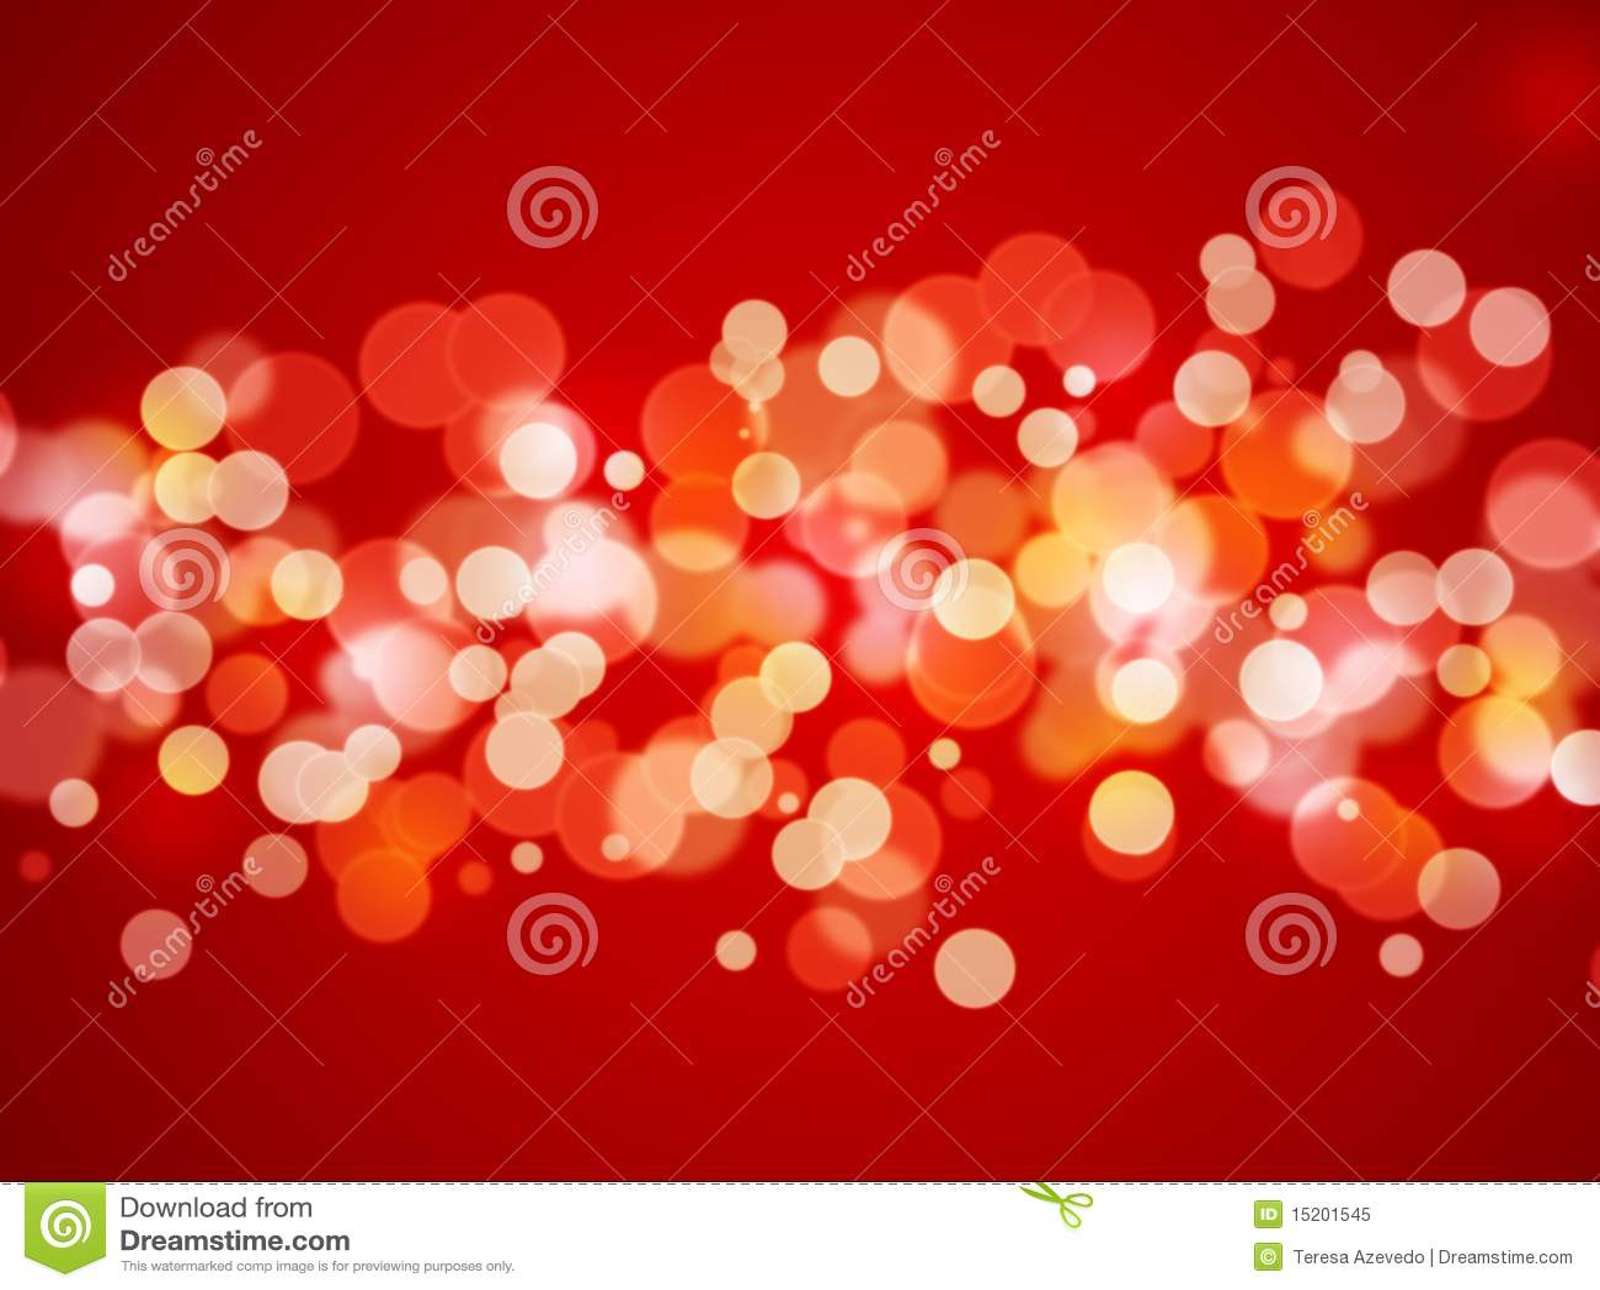 Fondo abstracto - luces de Navidad